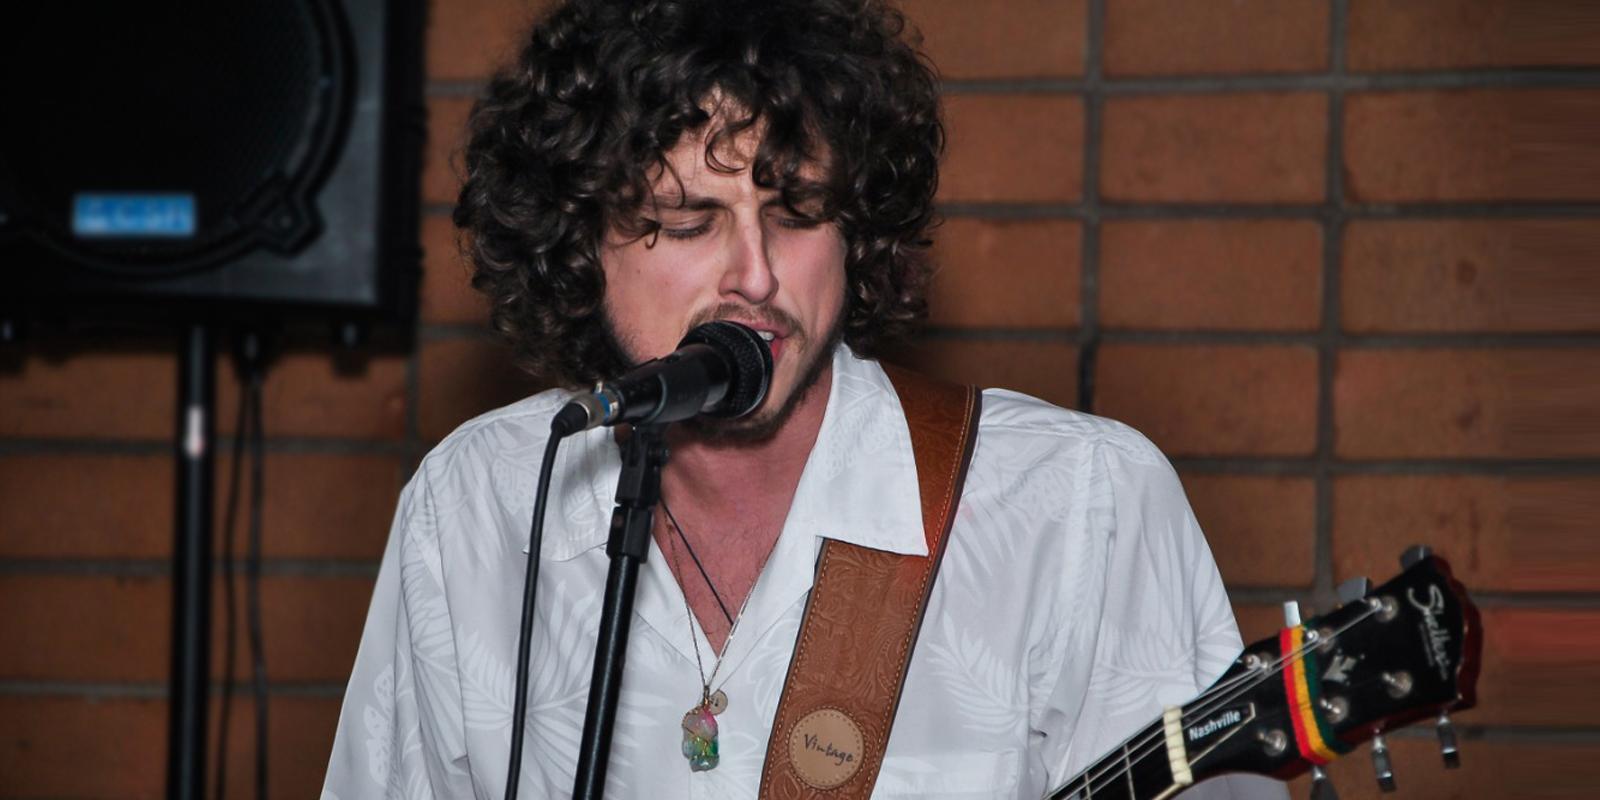 Quarta Cultural apresenta o cantor Giancarlo Di Francesco